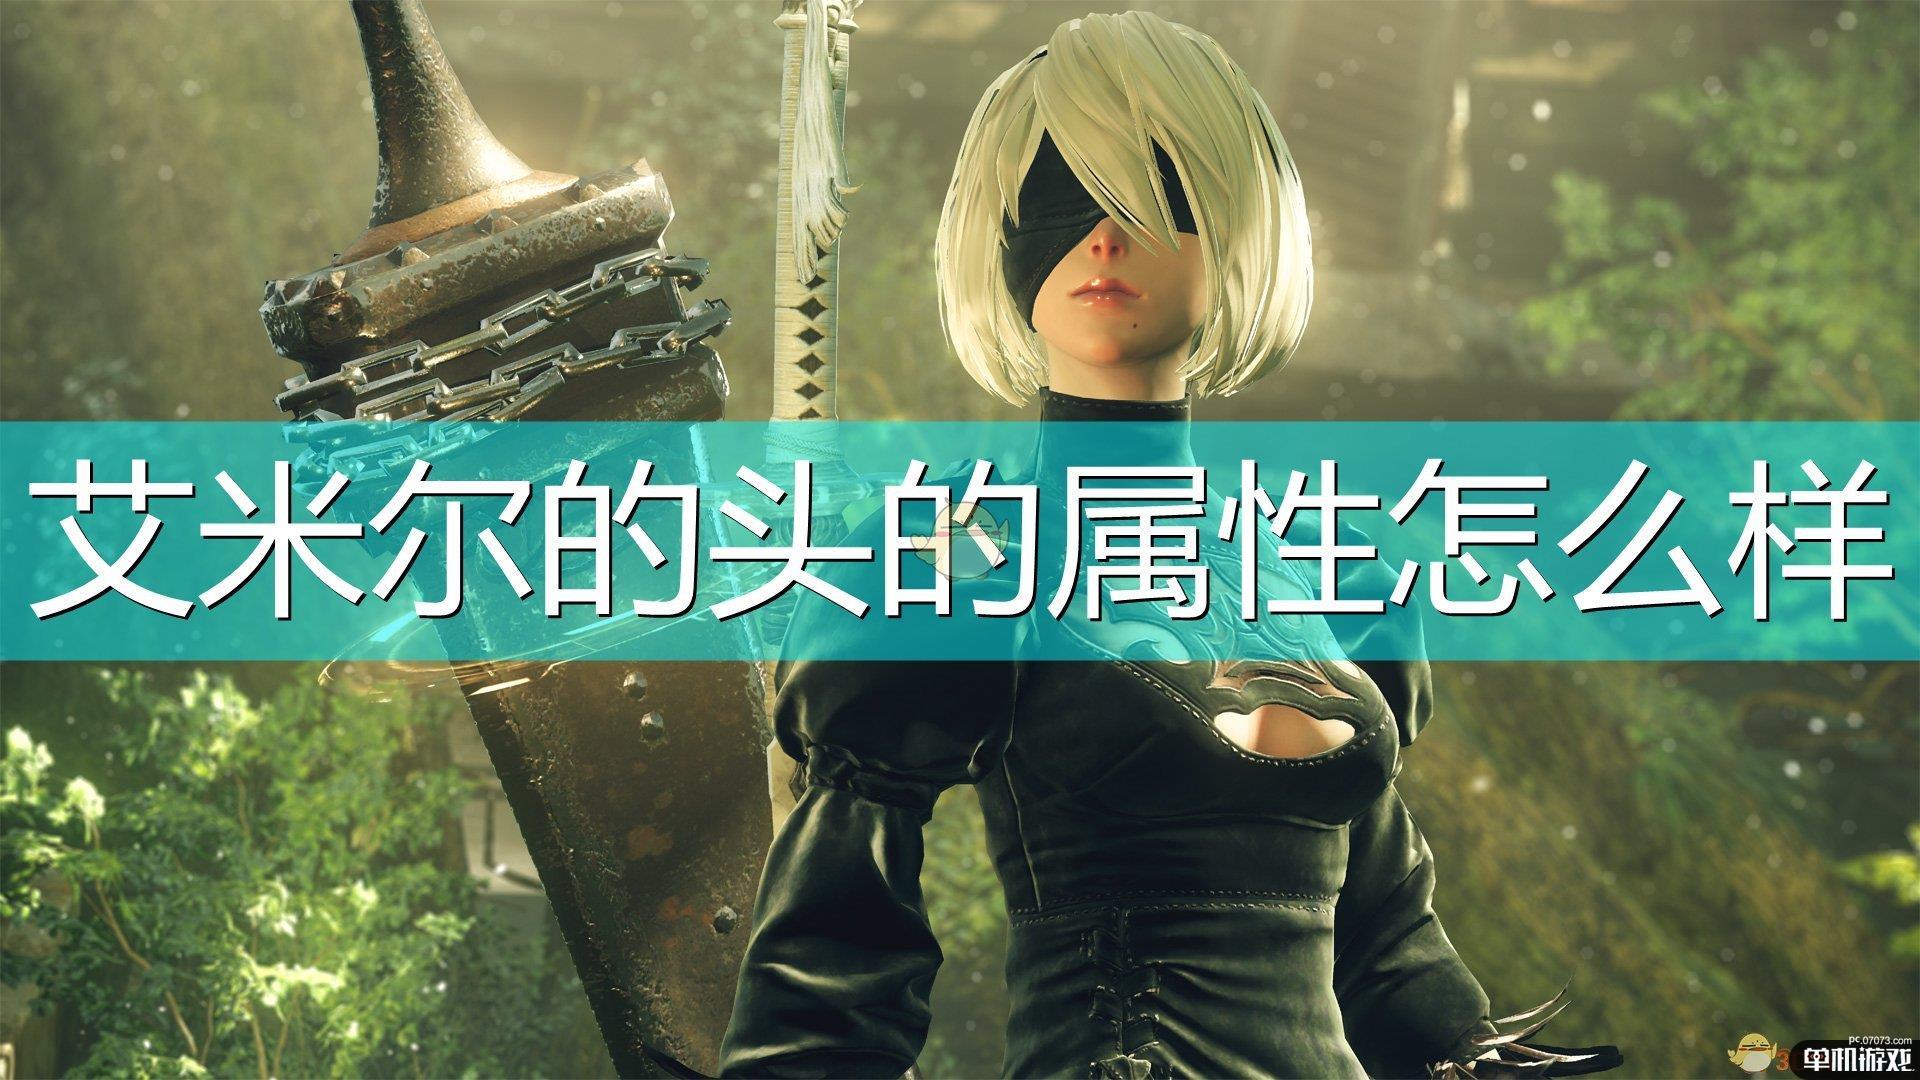 《尼尔:机械纪元》武器艾米尔的头属性及特殊能力介绍